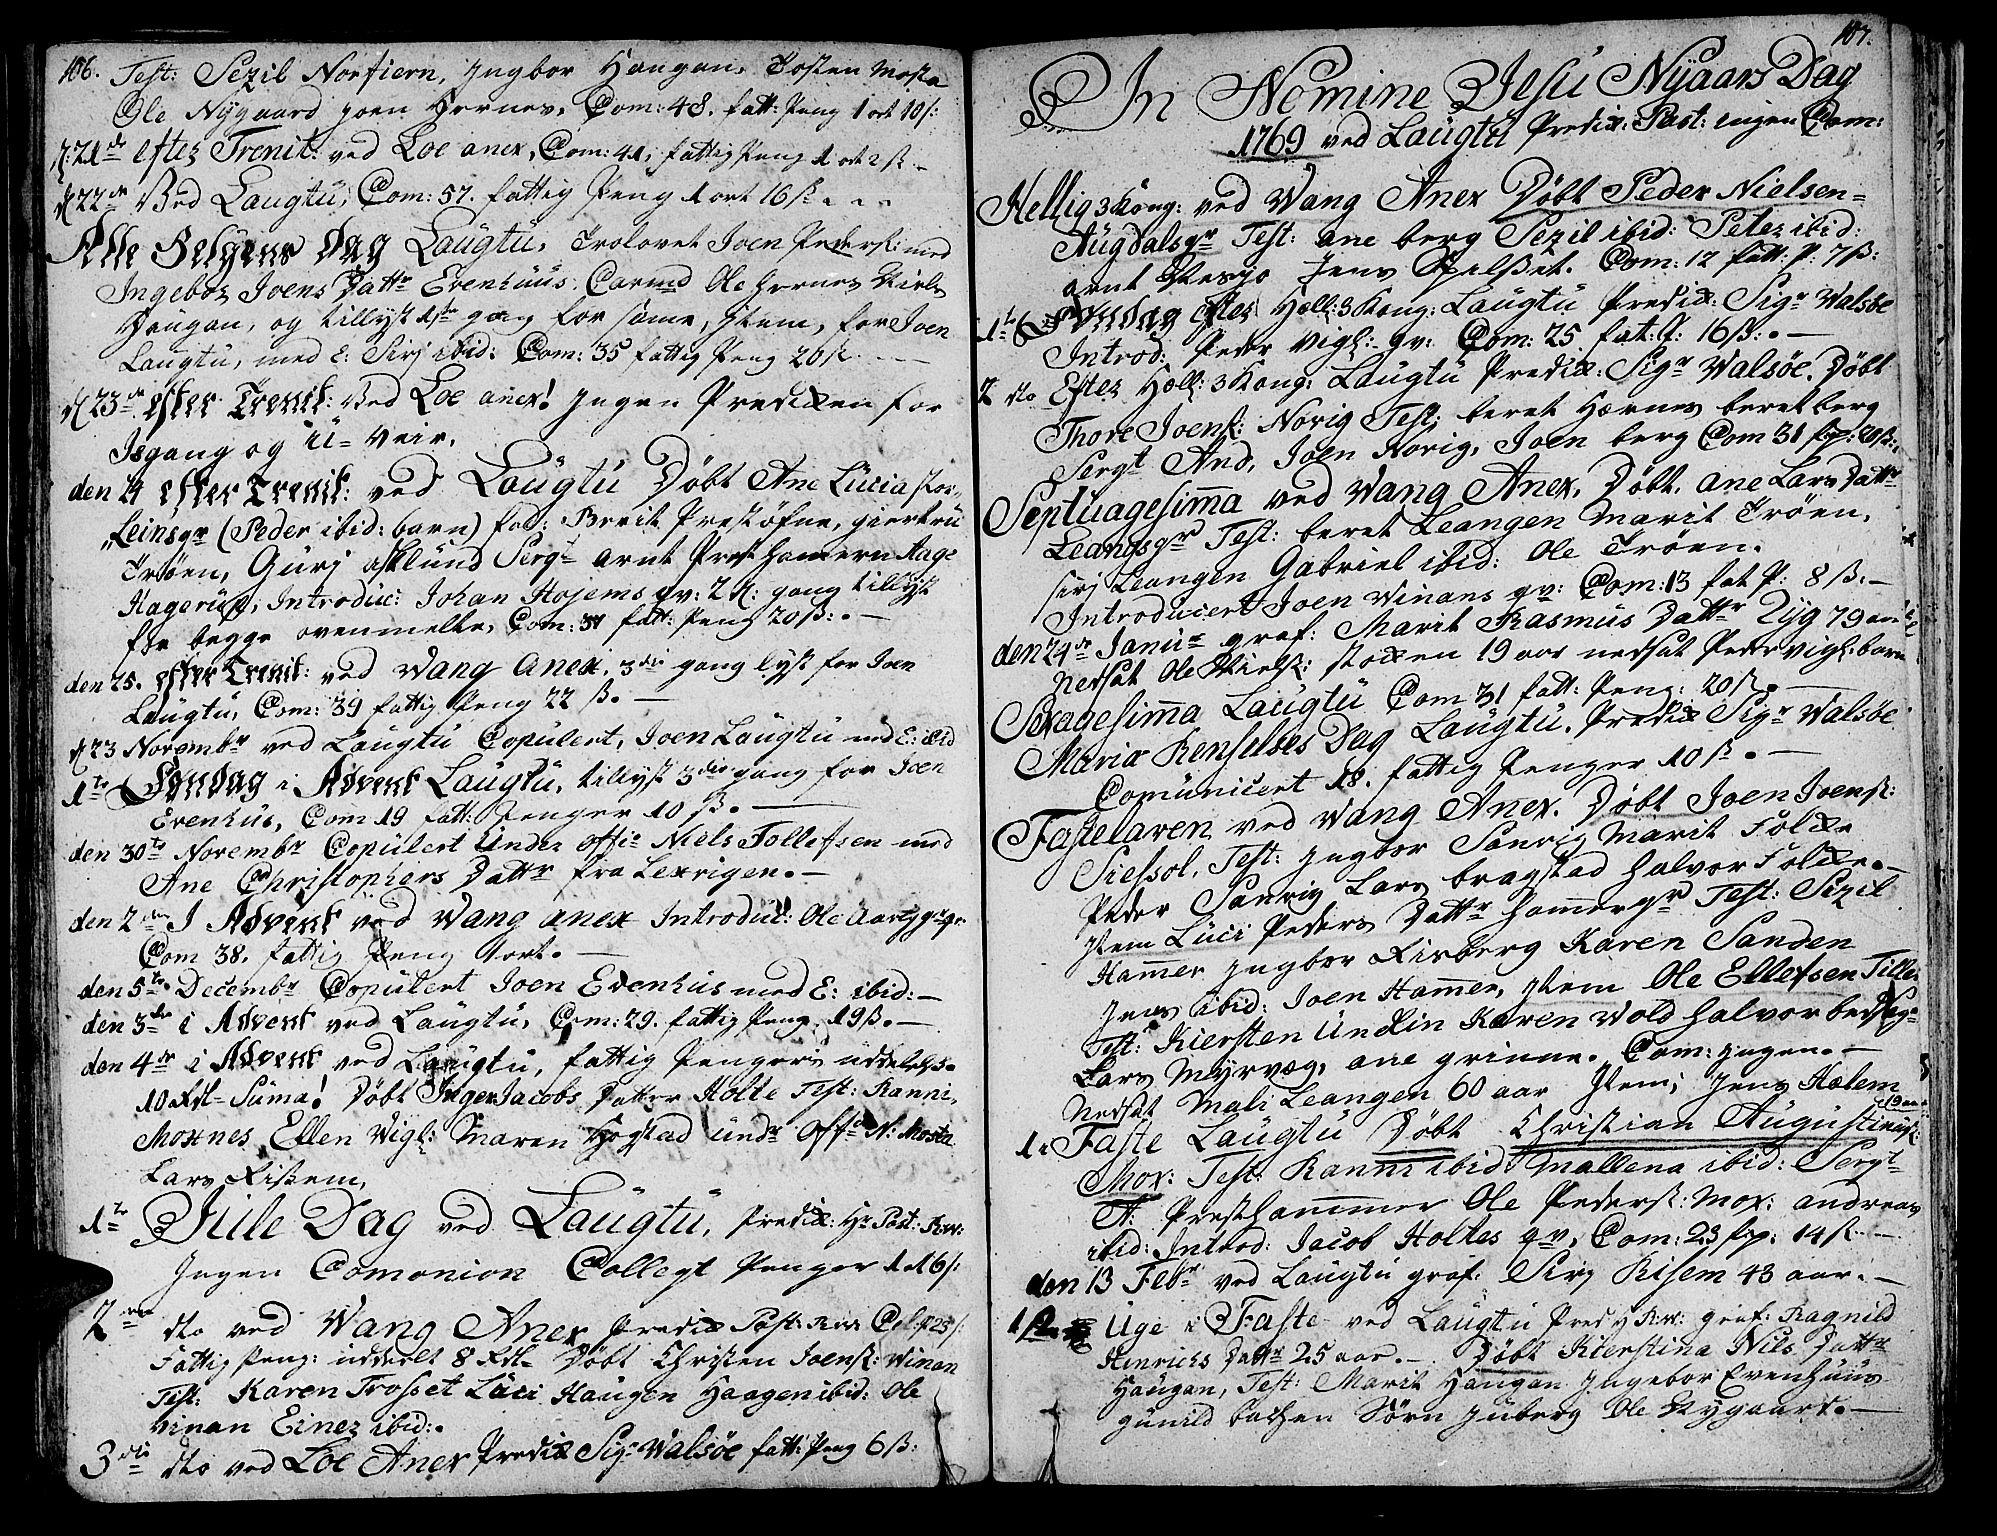 SAT, Ministerialprotokoller, klokkerbøker og fødselsregistre - Nord-Trøndelag, 713/L0109: Ministerialbok nr. 713A01, 1750-1778, s. 106-107